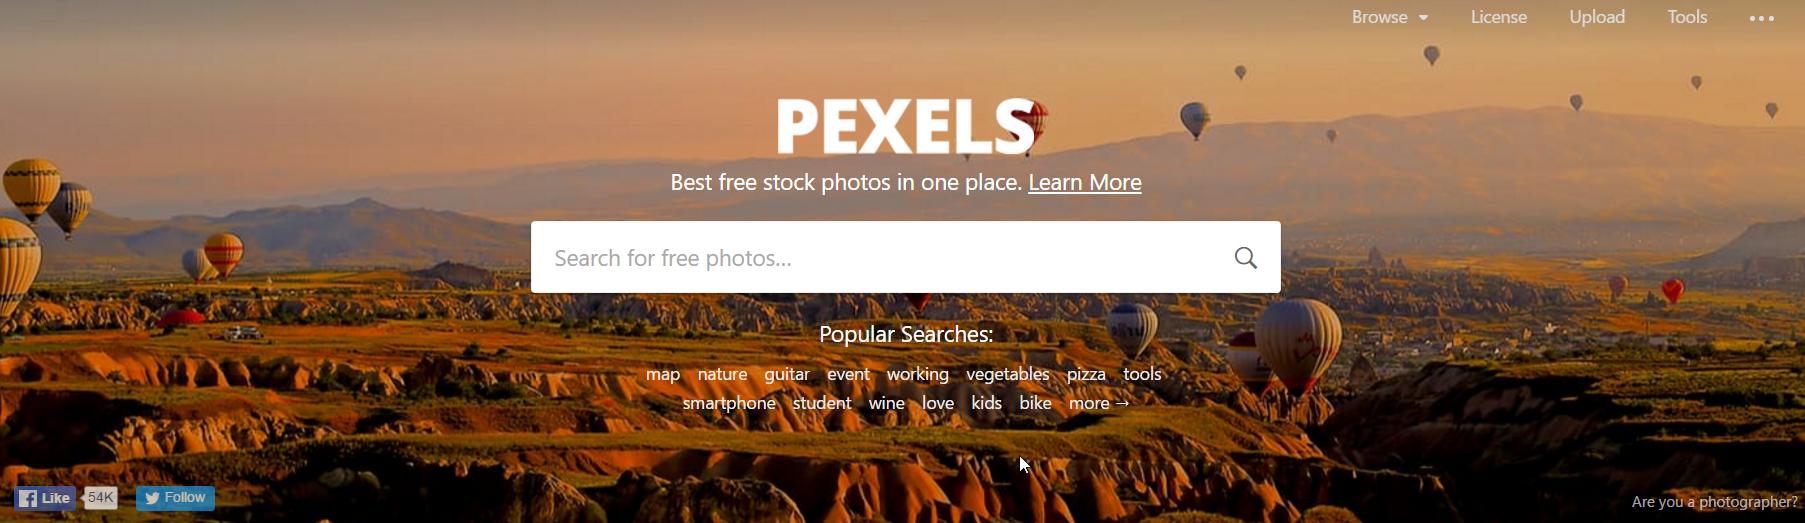 pexels banque grauite images